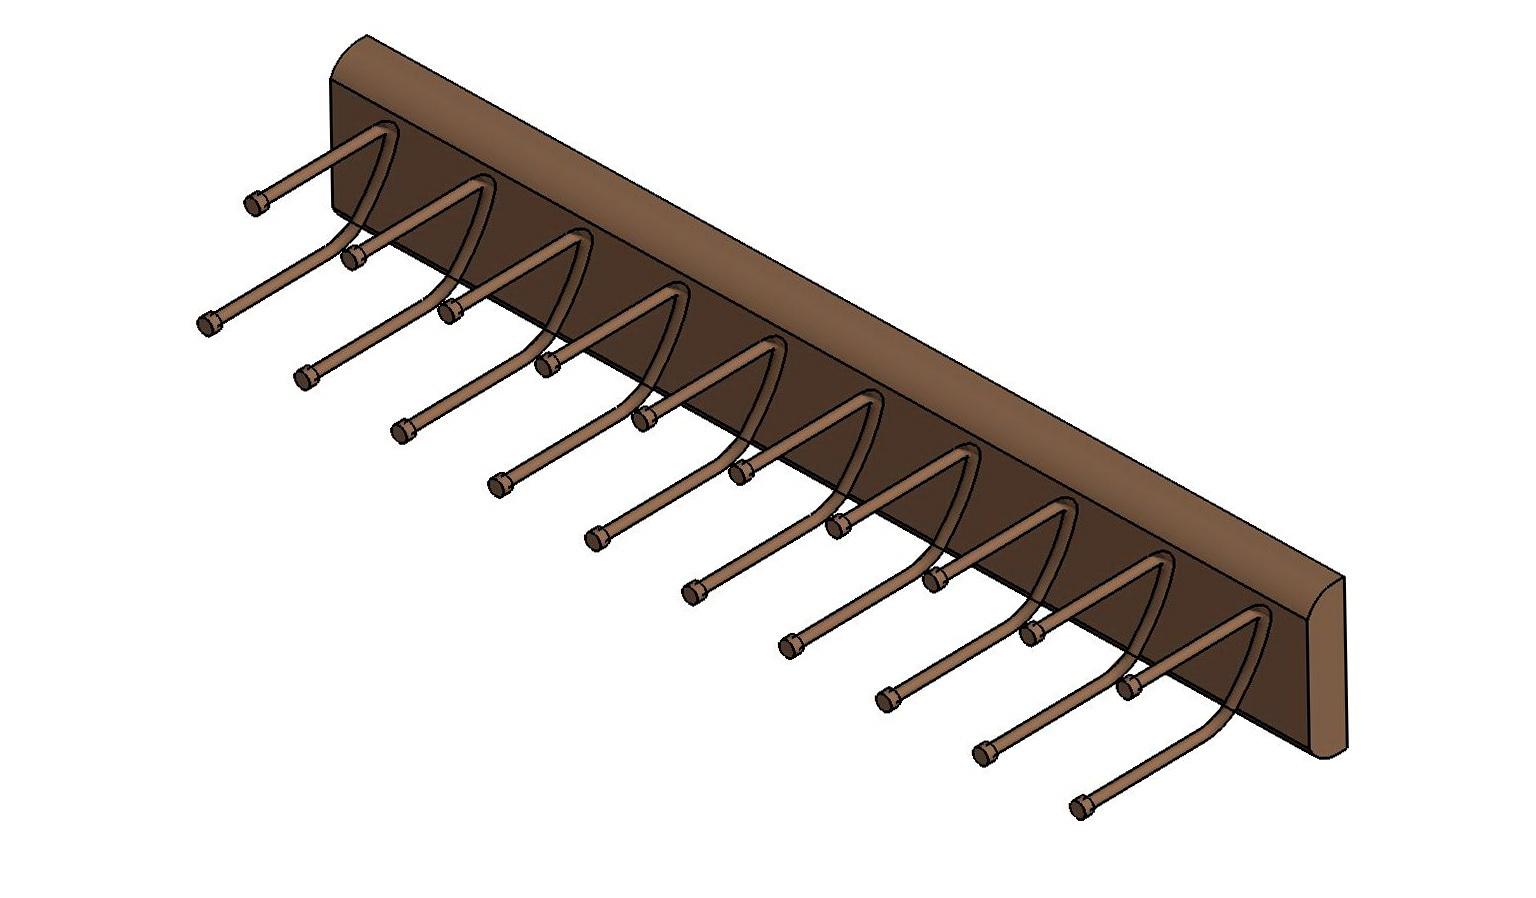 Automatic tie racks for closets home design ideas for Motorized tie racks for closets